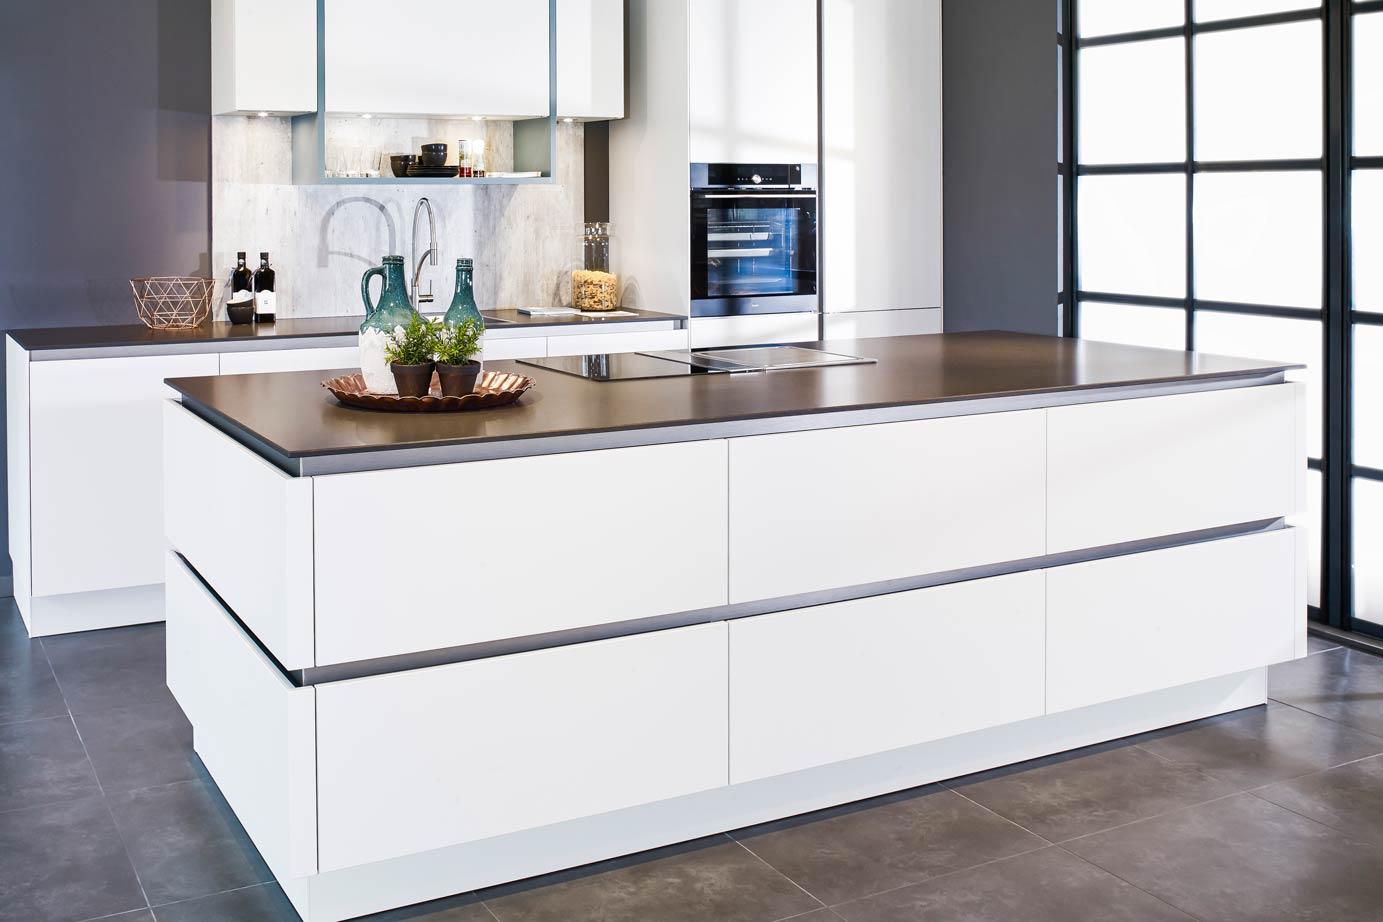 Welke kleur wordt uw keuken elke ral en sikkens kleur is mogelijk